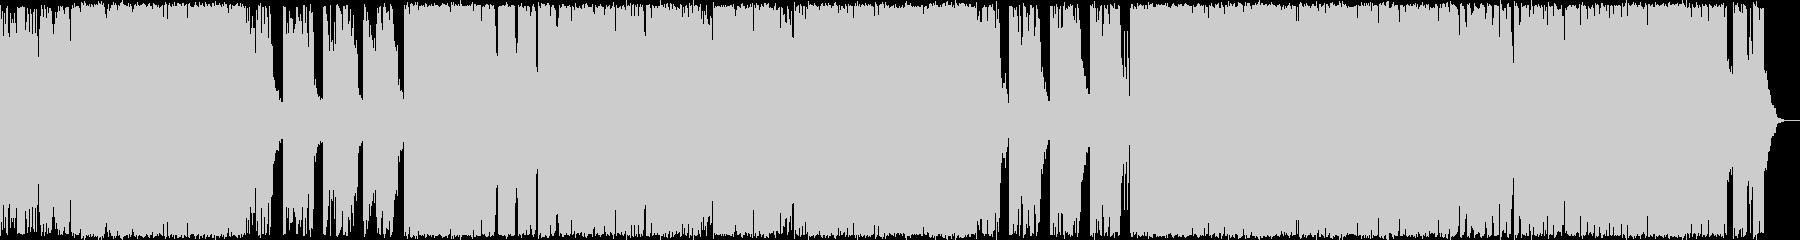 ハロウィン系BGM ポップにミステリアスの未再生の波形